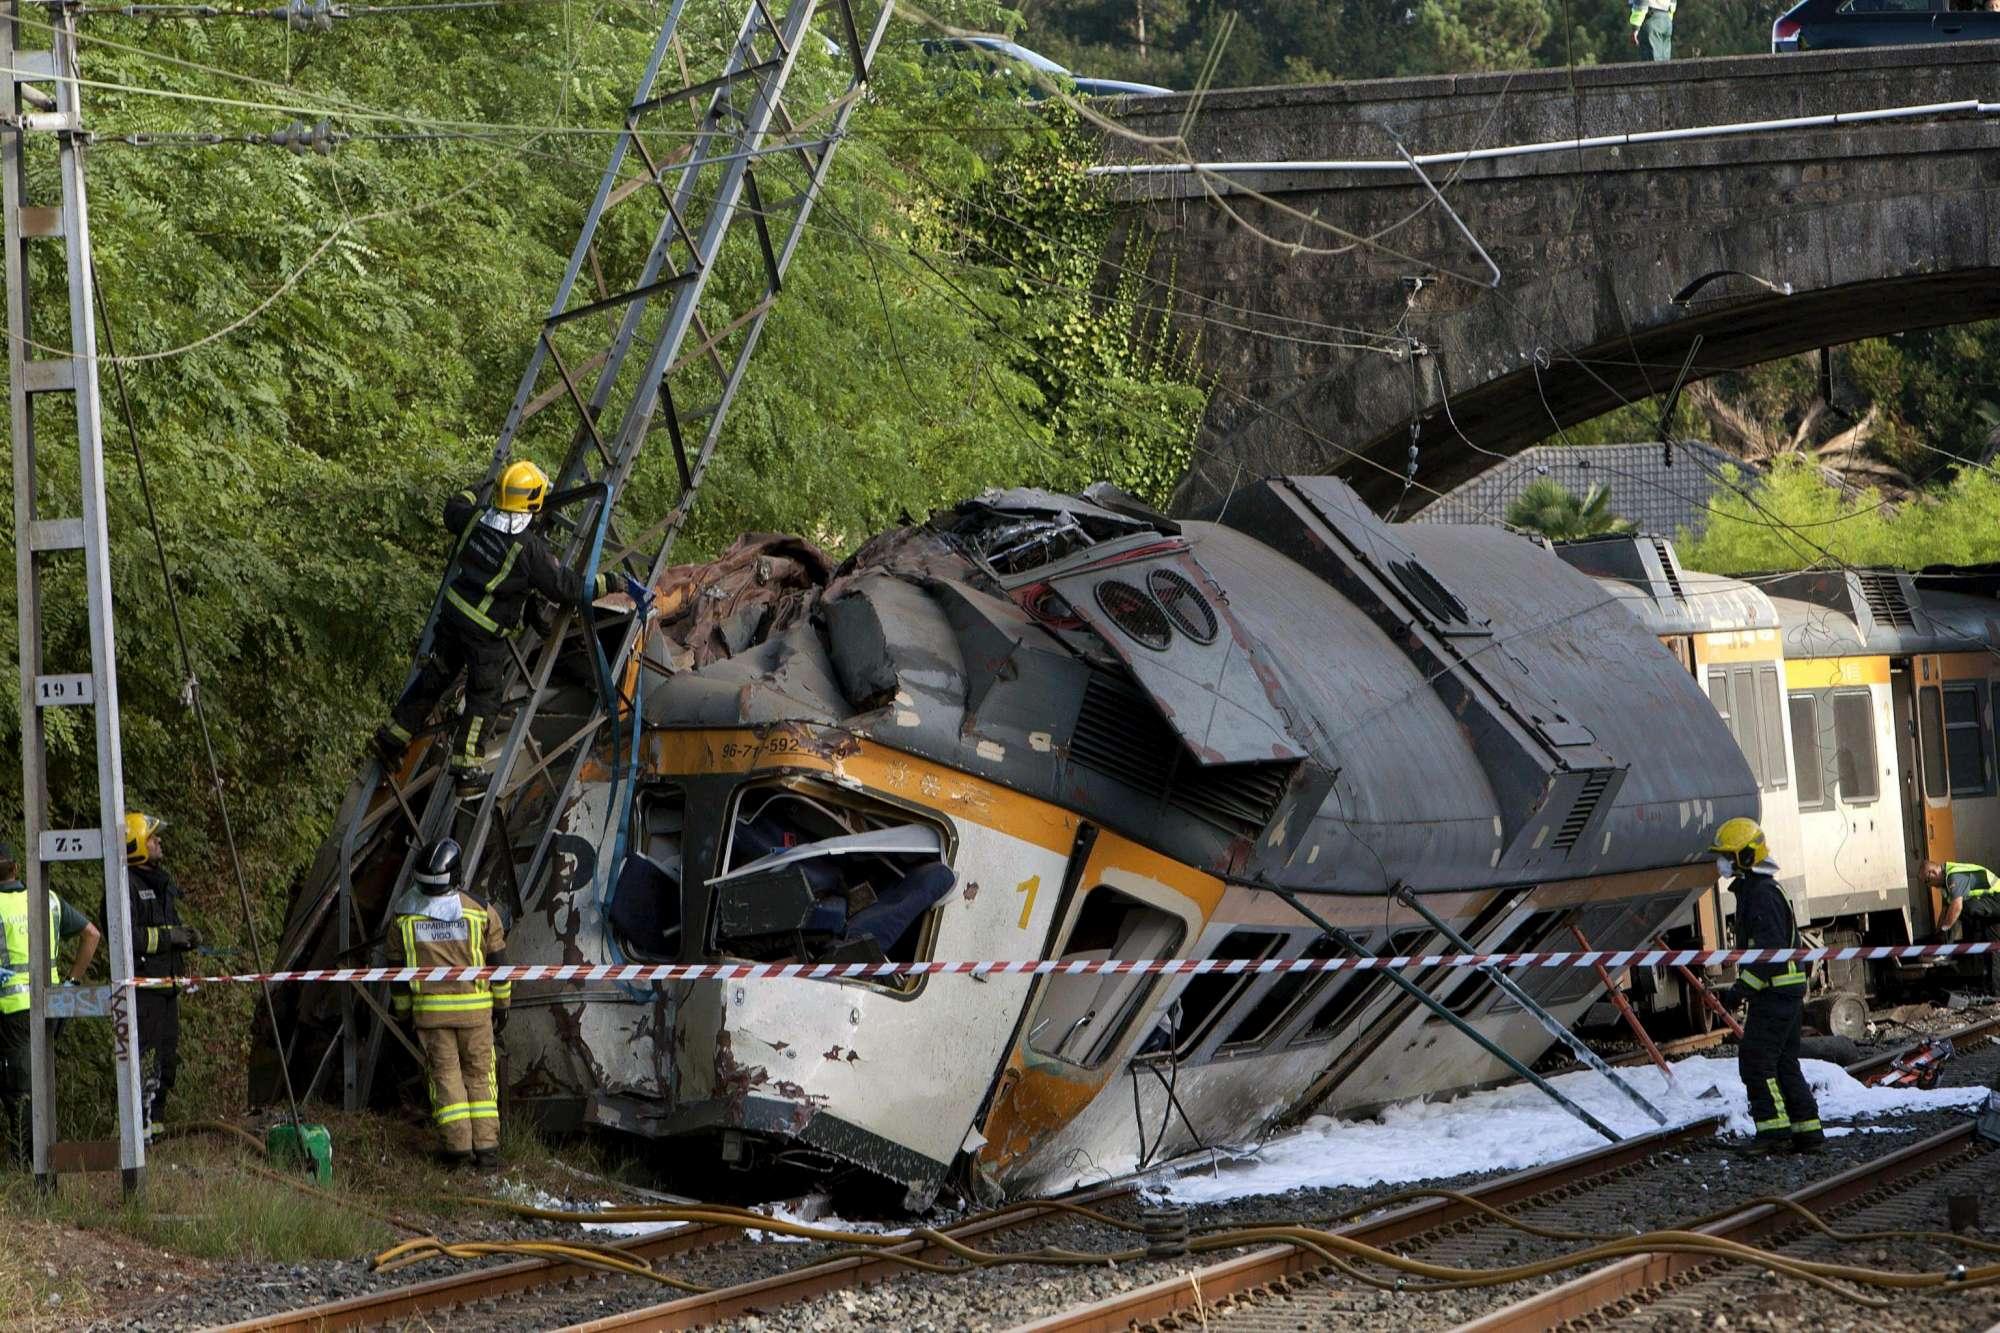 Spagna, deraglia treno: almeno 3 morti